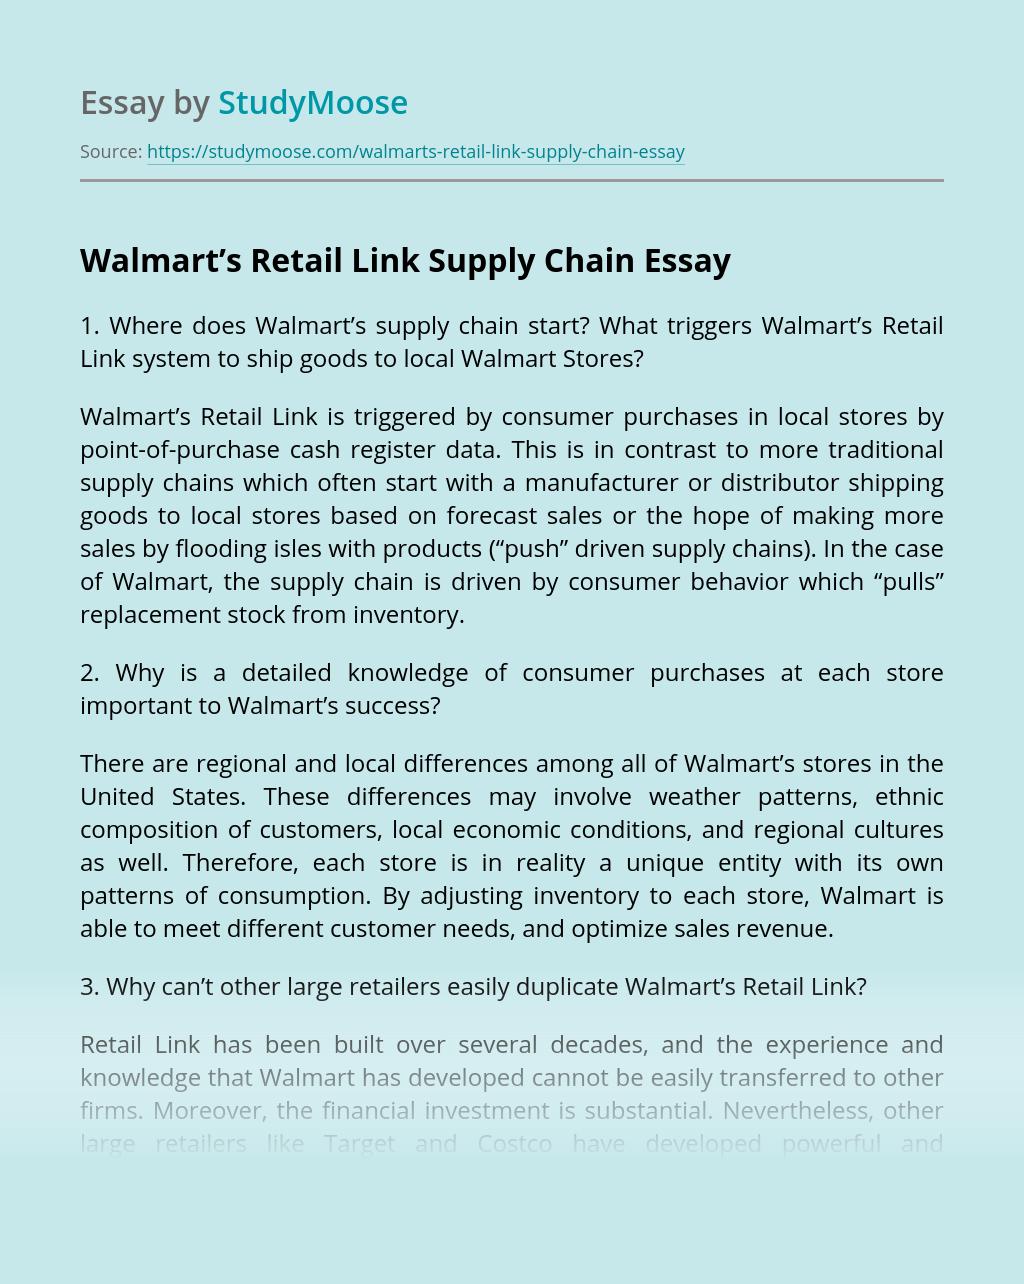 Walmart's Retail Link Supply Chain